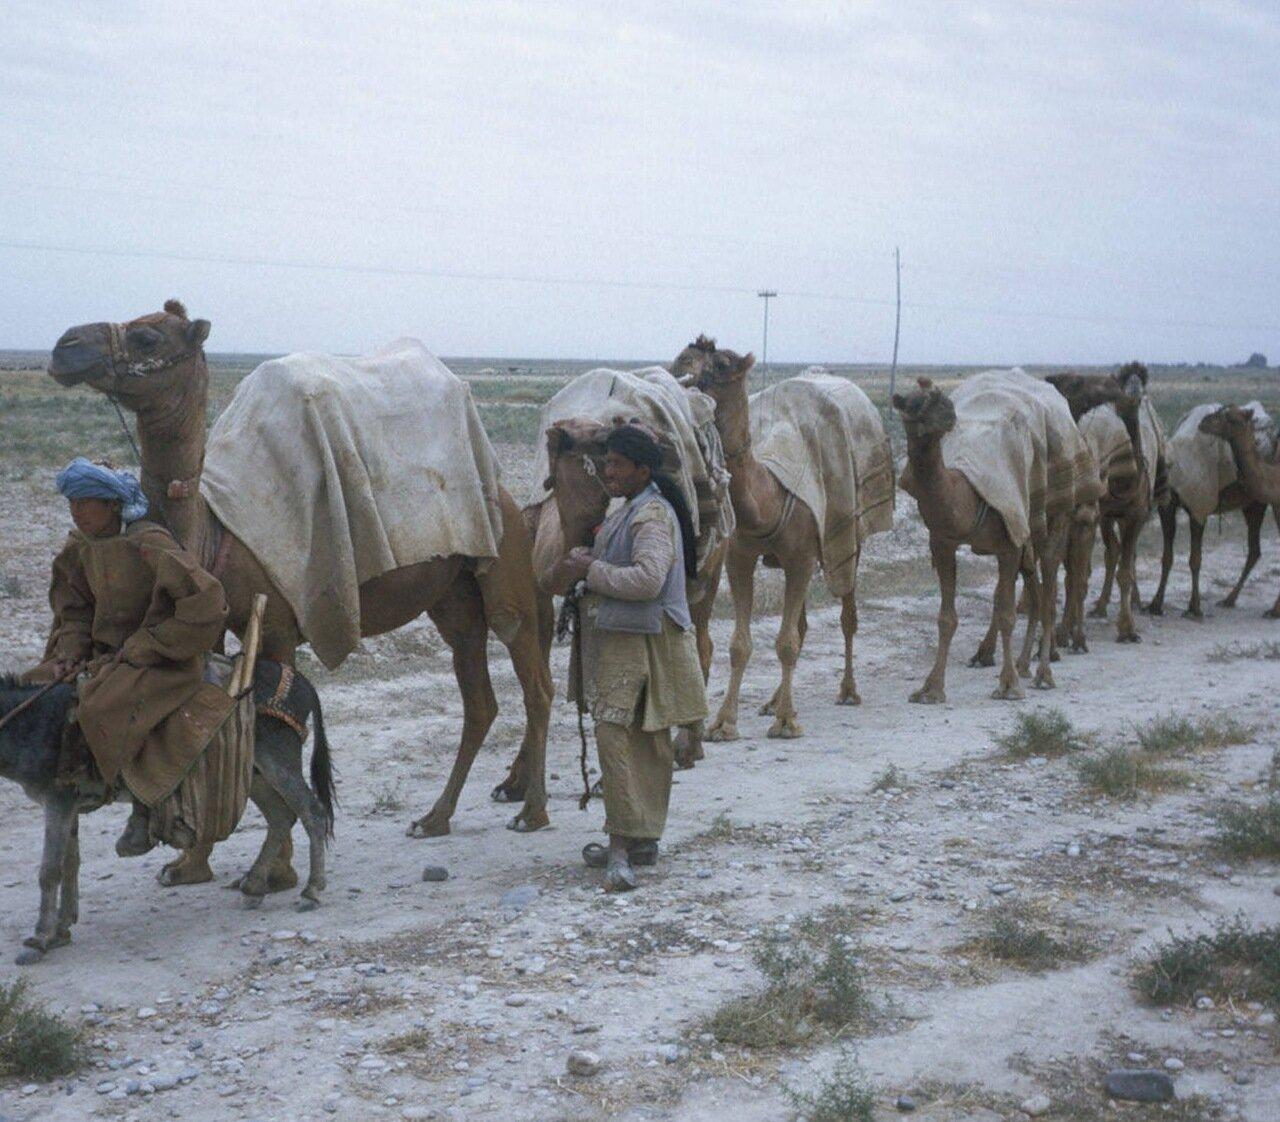 Караван верблюдов в пути